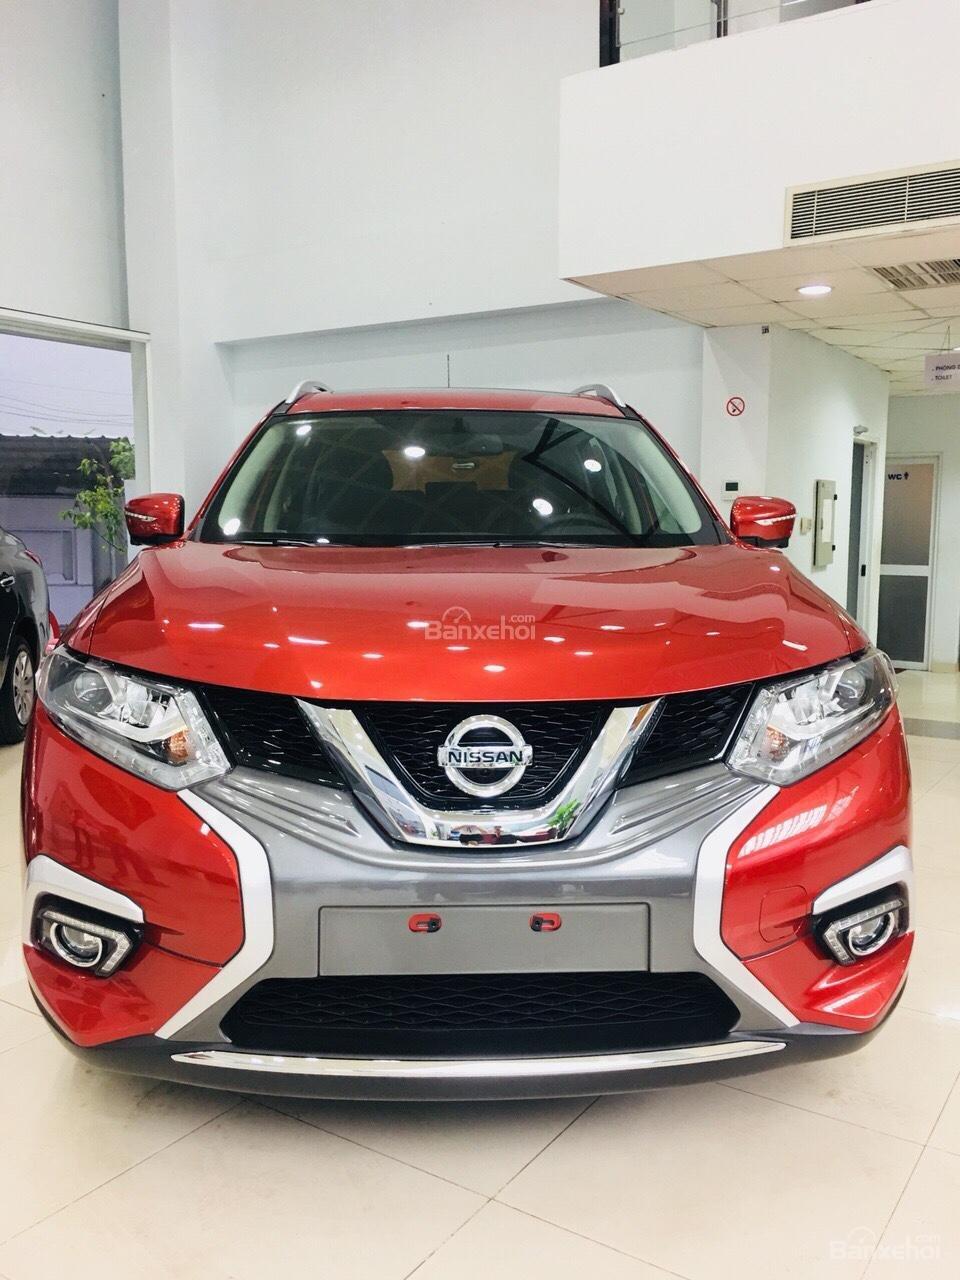 Chỉ cần 200 triệu / khách hàng sẽ nhận ngay Nissan Xtrail 7 chỗ Luxury - phiên bản nâng cấp mới nhất năm 2018-0